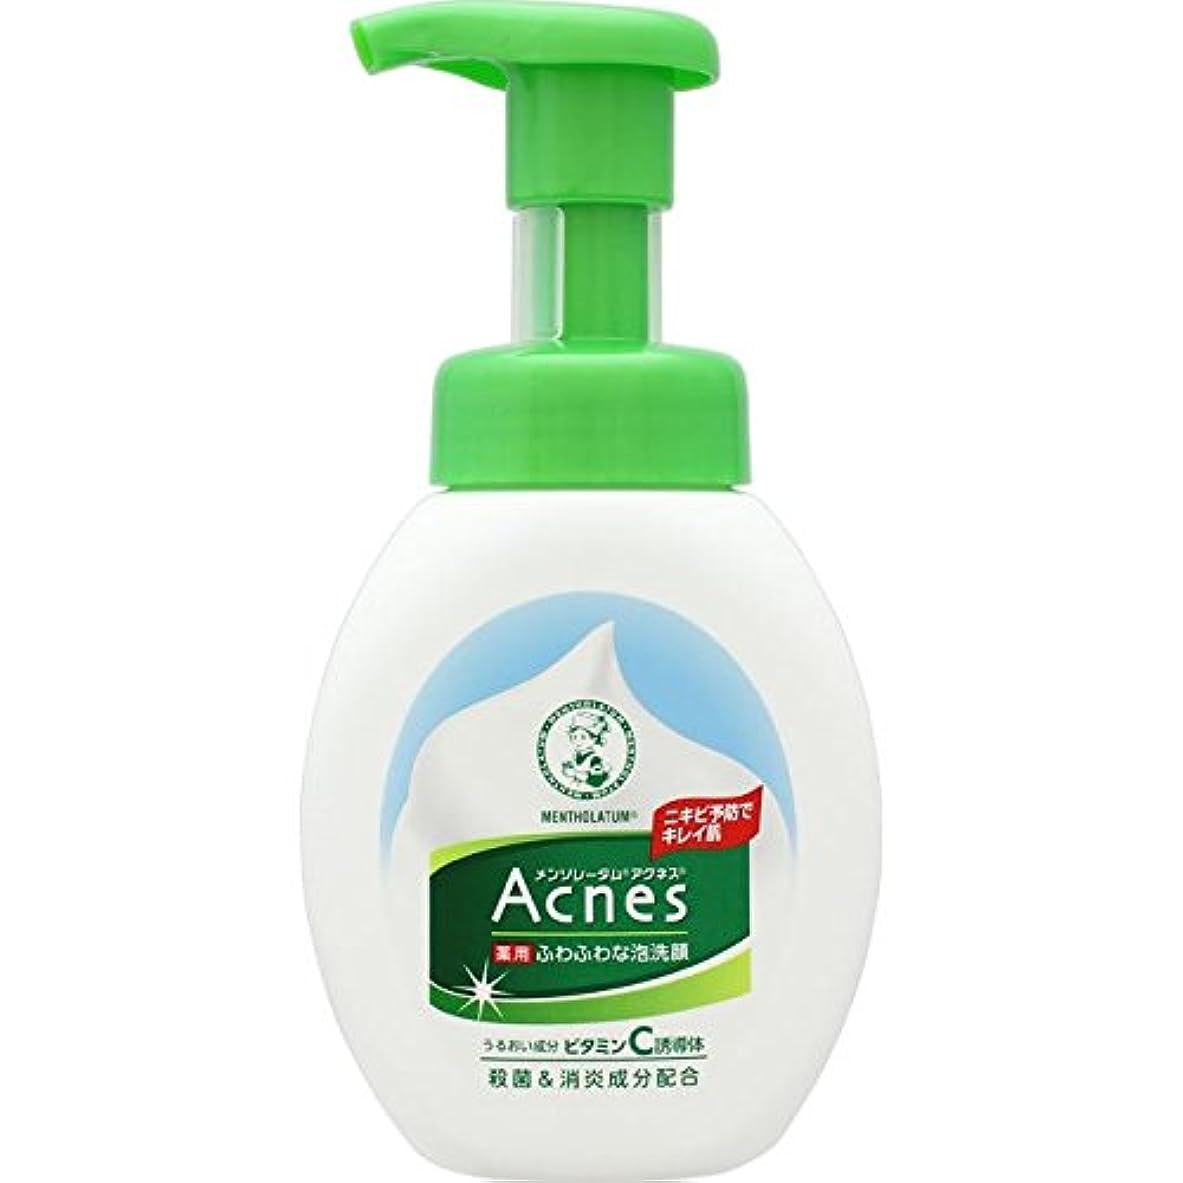 大寄生虫マディソンAcnes(アクネス) 薬用ふわふわな泡洗顔 160mL【医薬部外品】